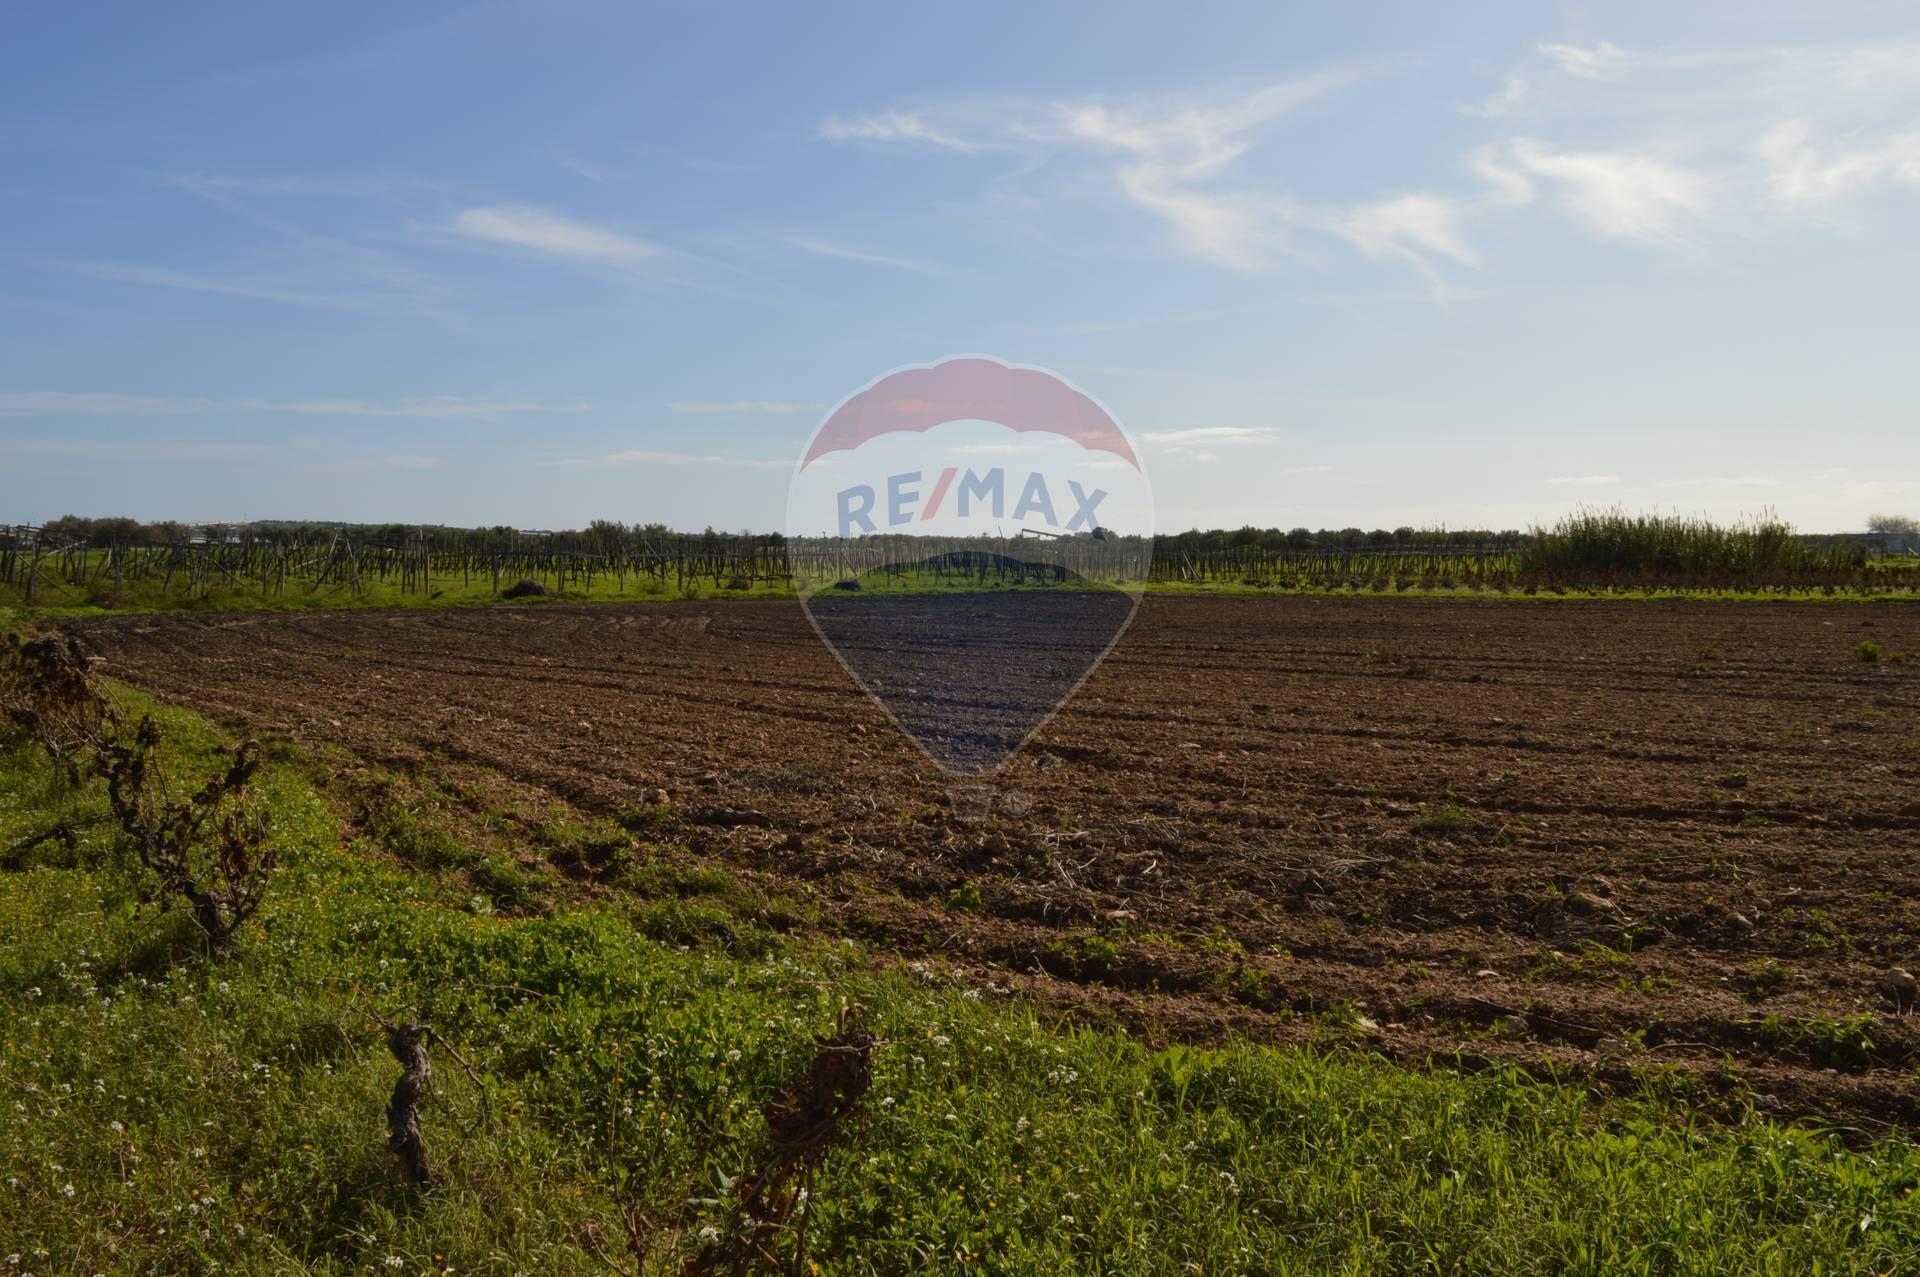 Terreno Agricolo in vendita a Noto, 9999 locali, prezzo € 27.000 | CambioCasa.it